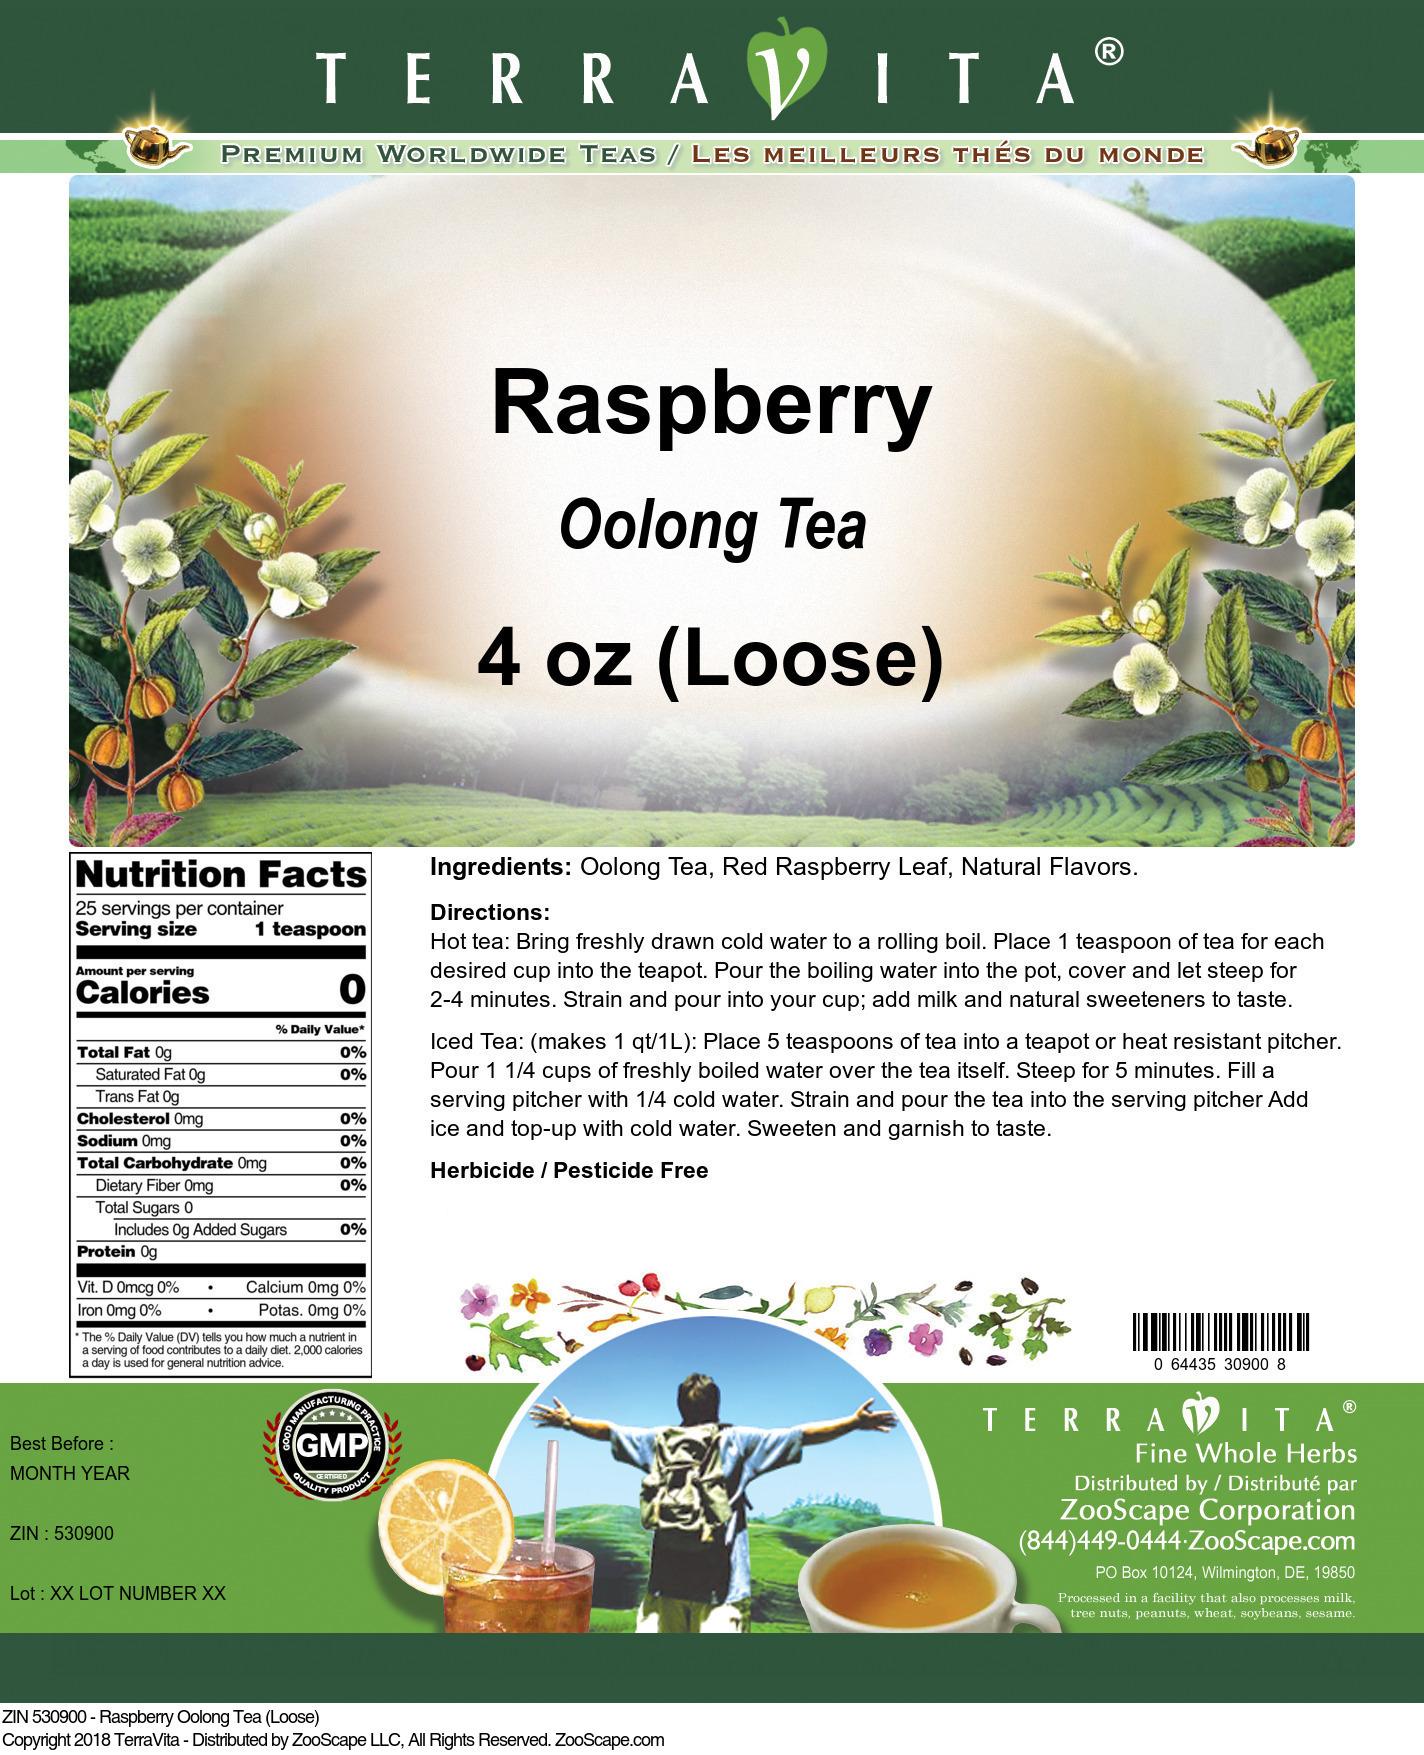 Raspberry Oolong Tea (Loose)